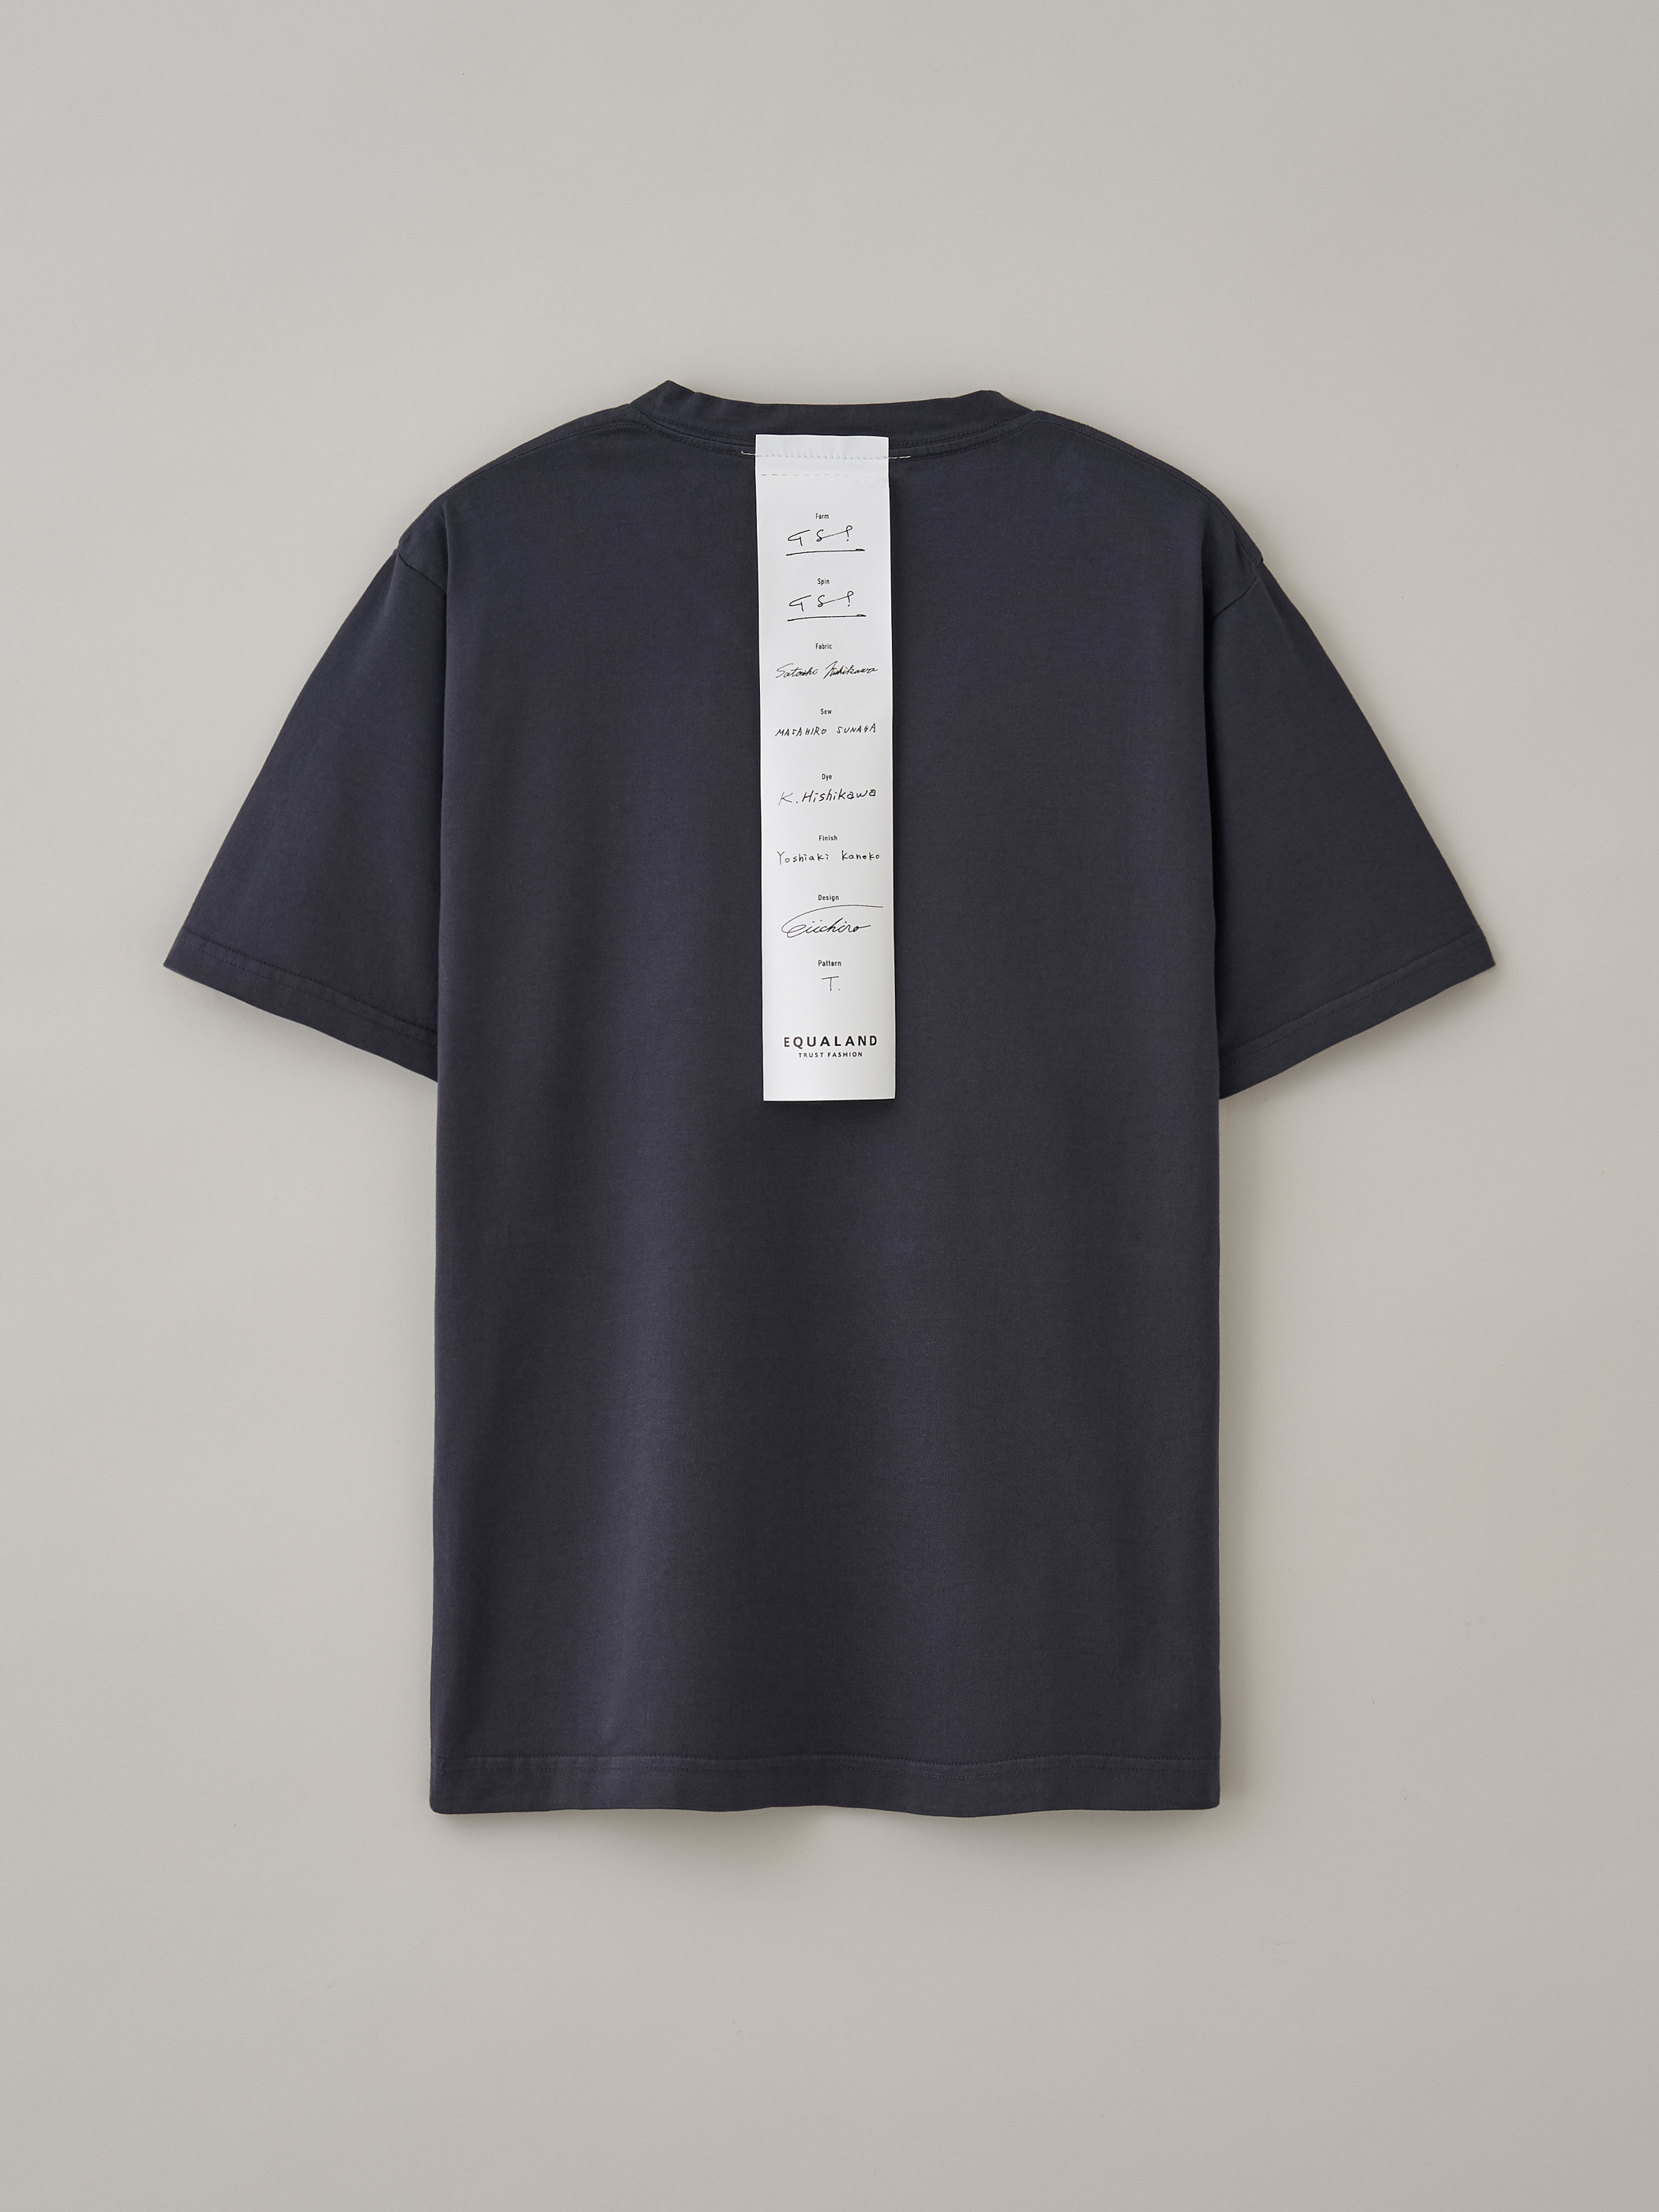 レディースVネックTシャツ #05バンブーチャコール